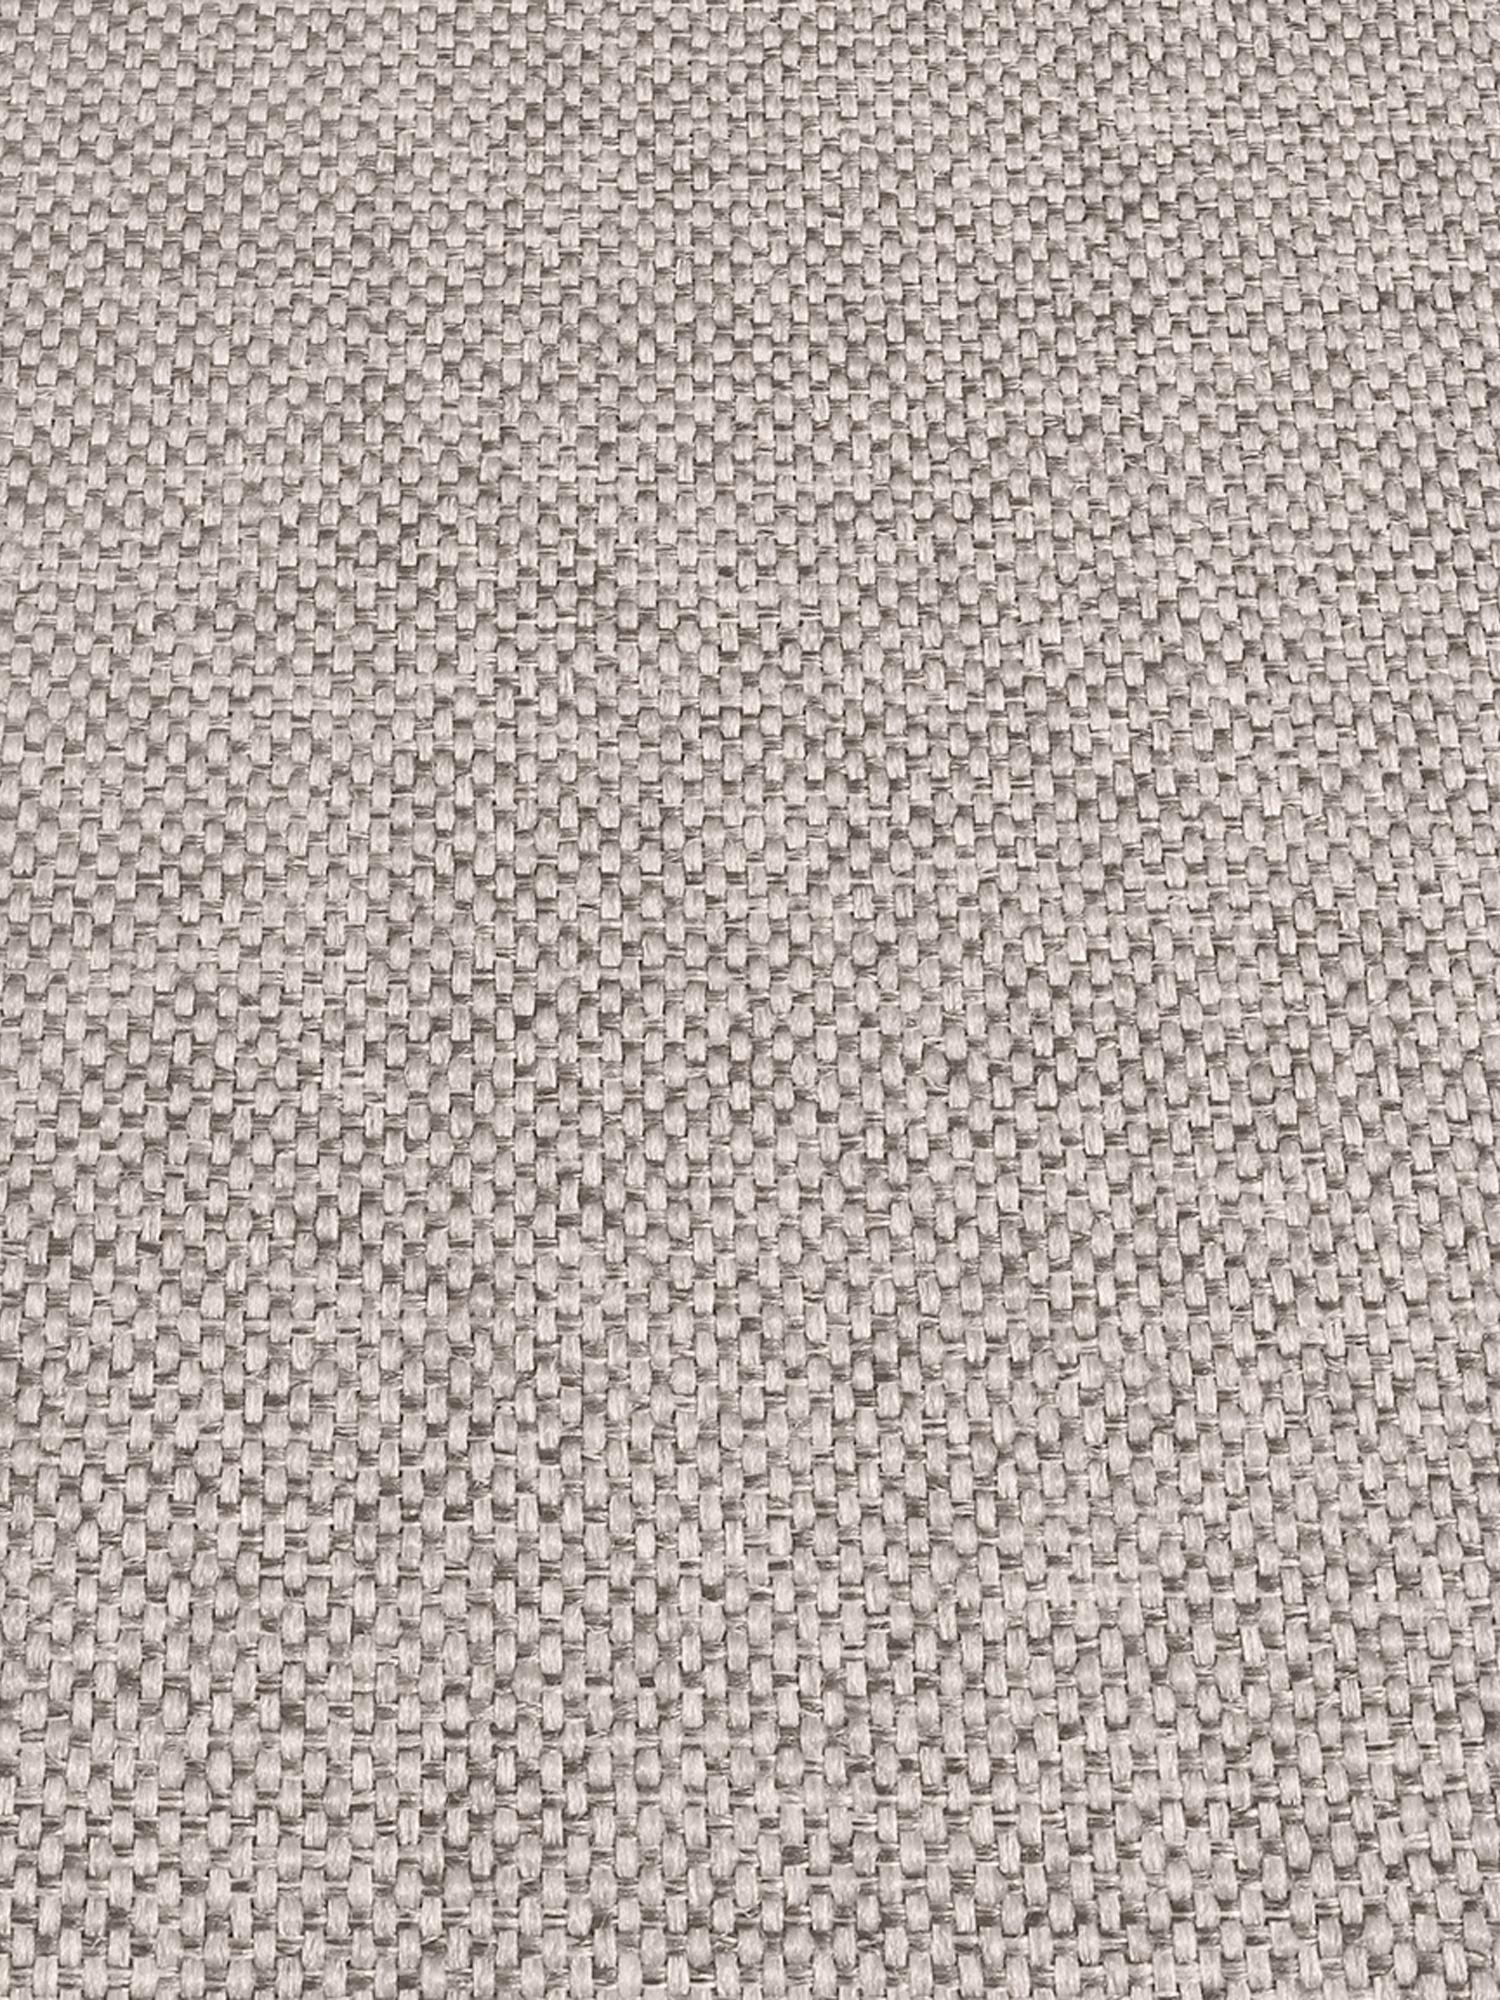 Divano angolare 3 posti in tessuto beige Cucita, Rivestimento: tessuto (poliestere) 100., Struttura: legno di pino massiccio, Piedini: metallo laccato, Tessuto beige, Larg. 262 x Prof. 163 cm